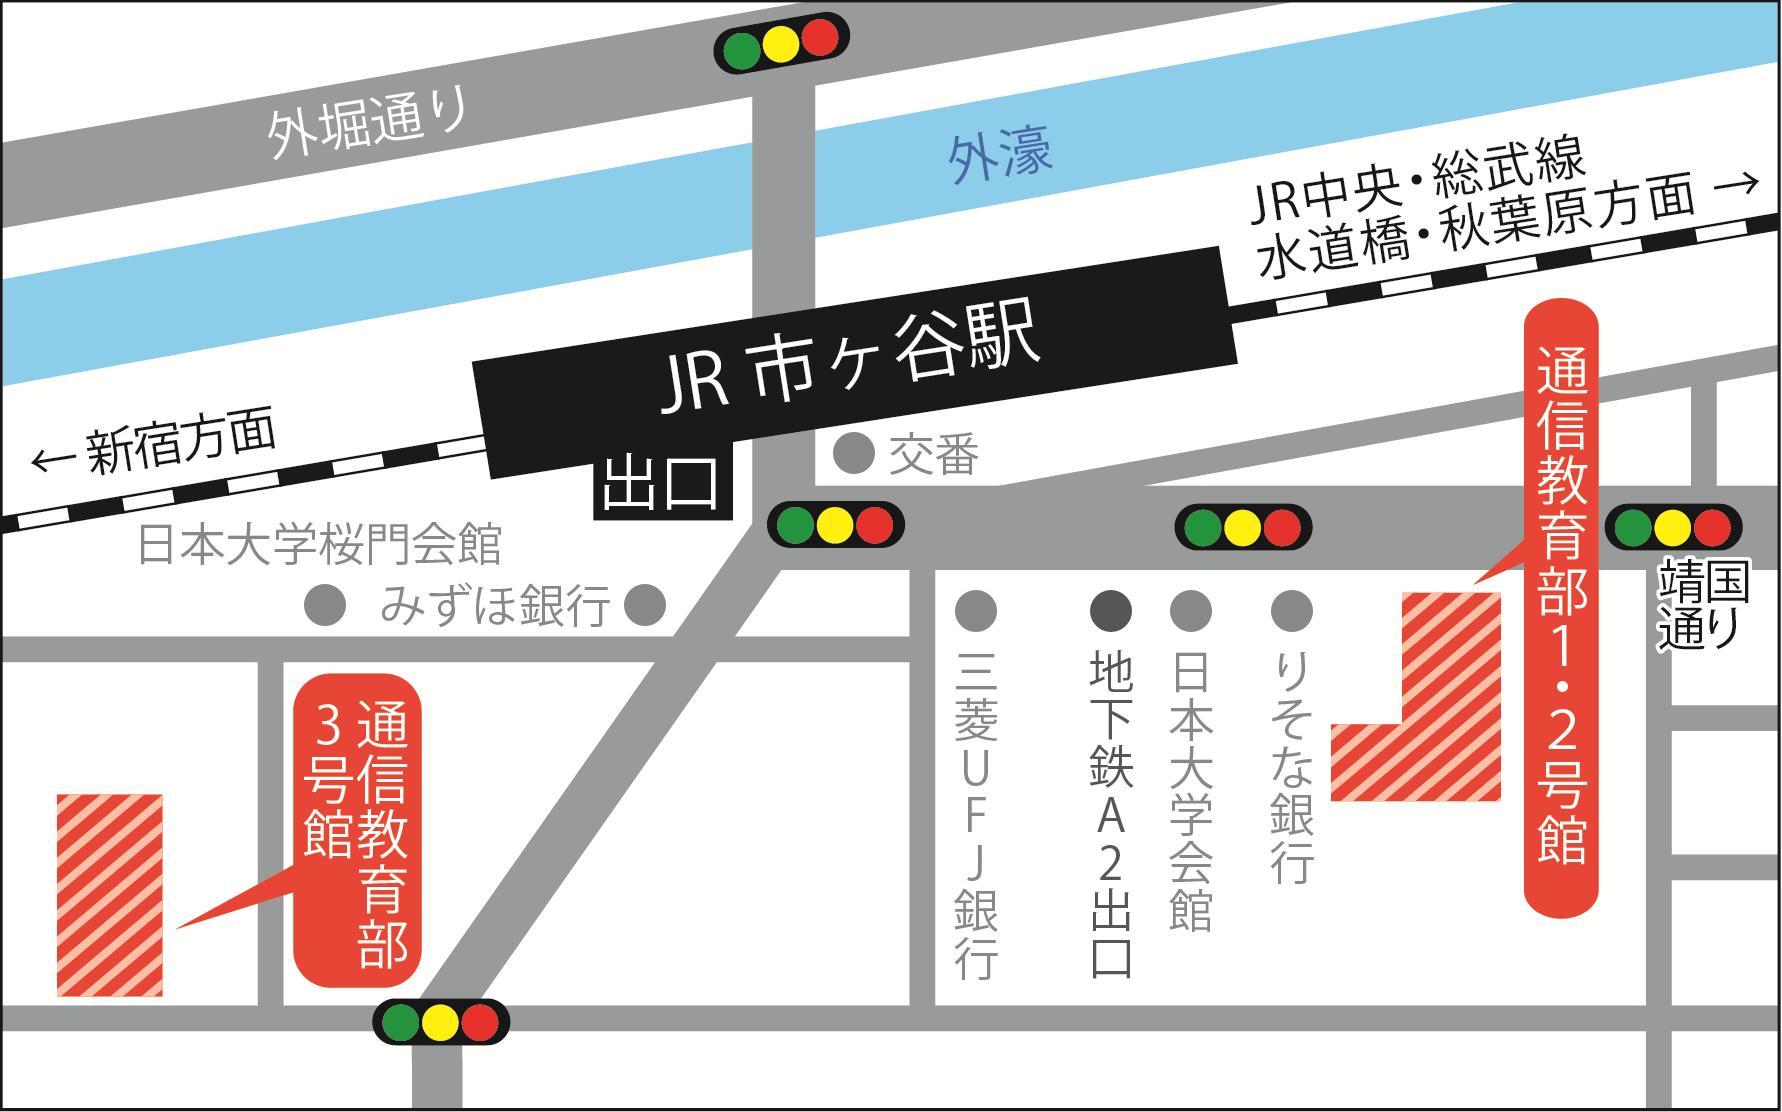 アクセスマップ:市ヶ谷キャンパス